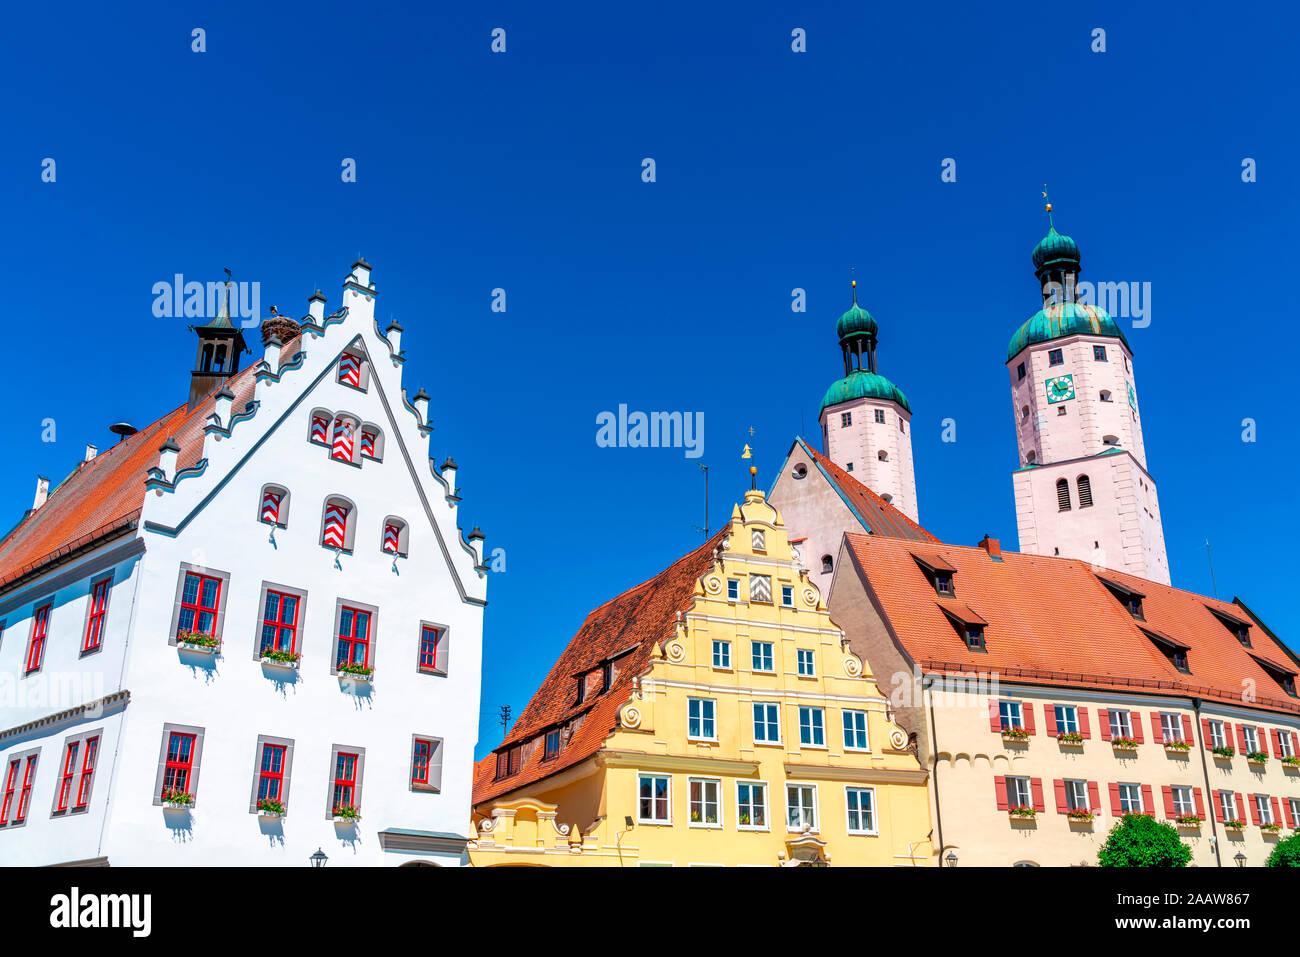 Low angle view of architecture historique et de l'Eglise contre ciel bleu clair à Wemding, Bavière, Allemagne Banque D'Images